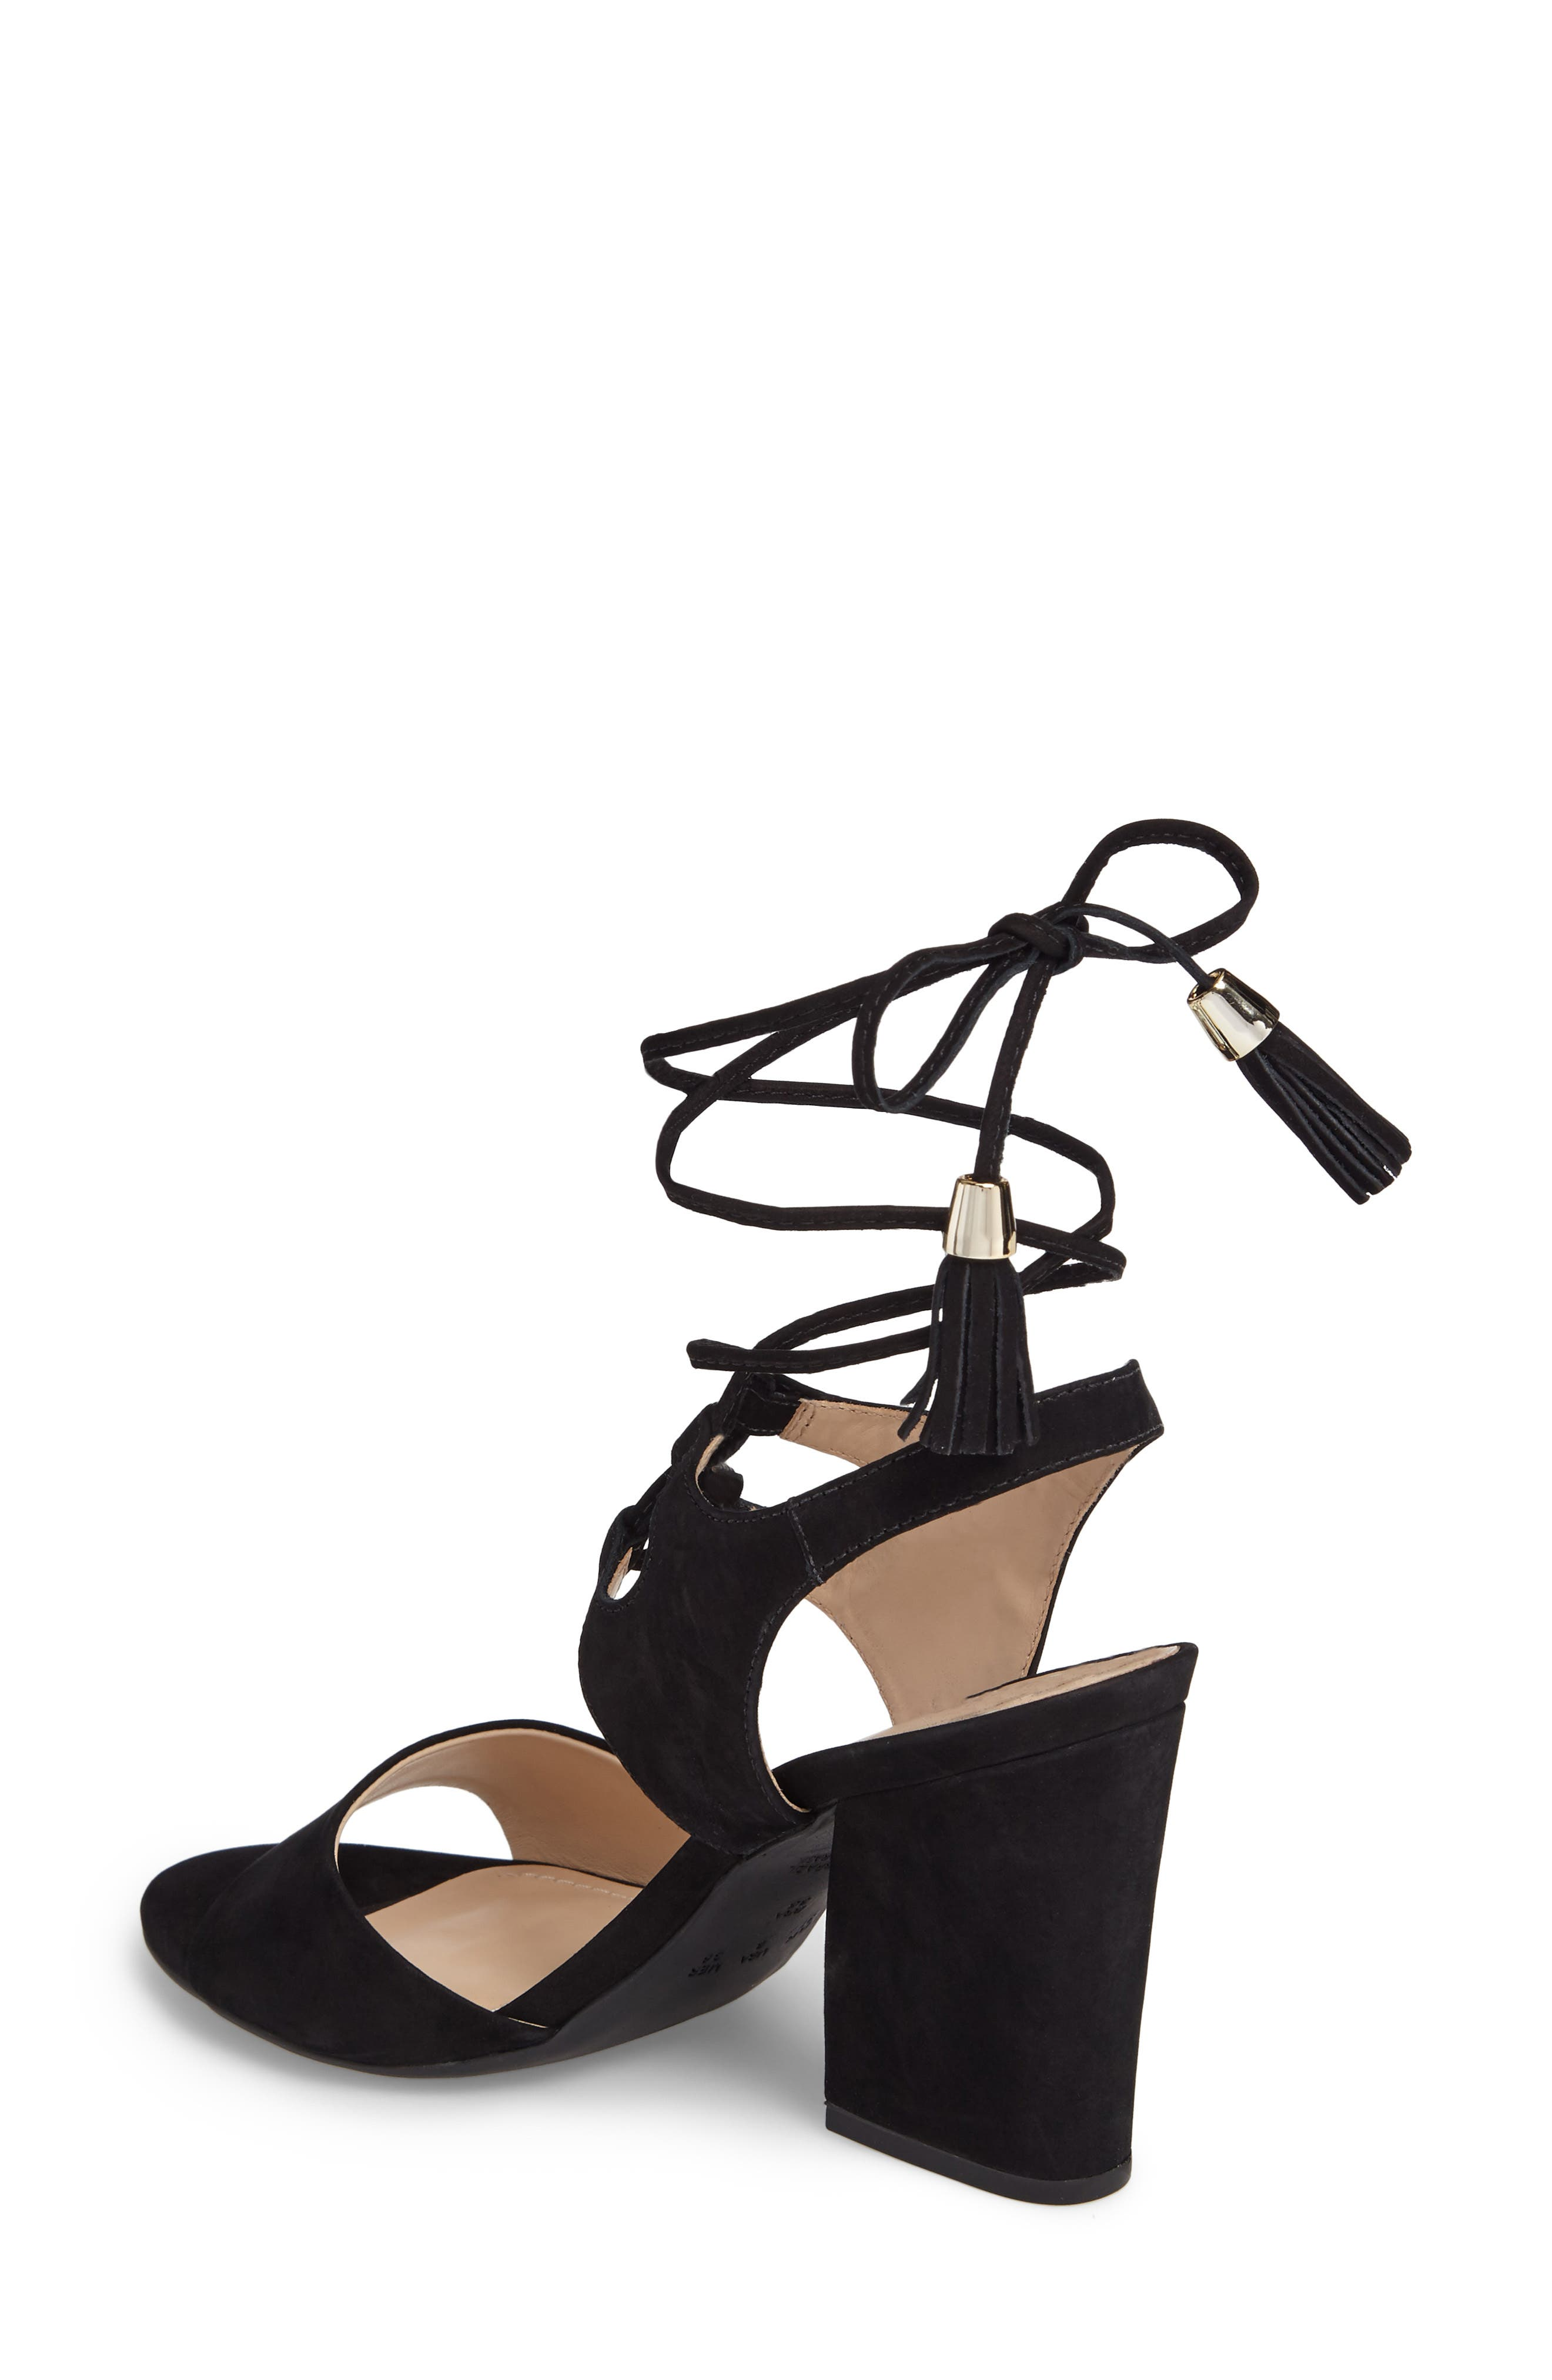 Kaira Ankle Wrap Sandal,                             Alternate thumbnail 2, color,                             Black Nubuck Leather